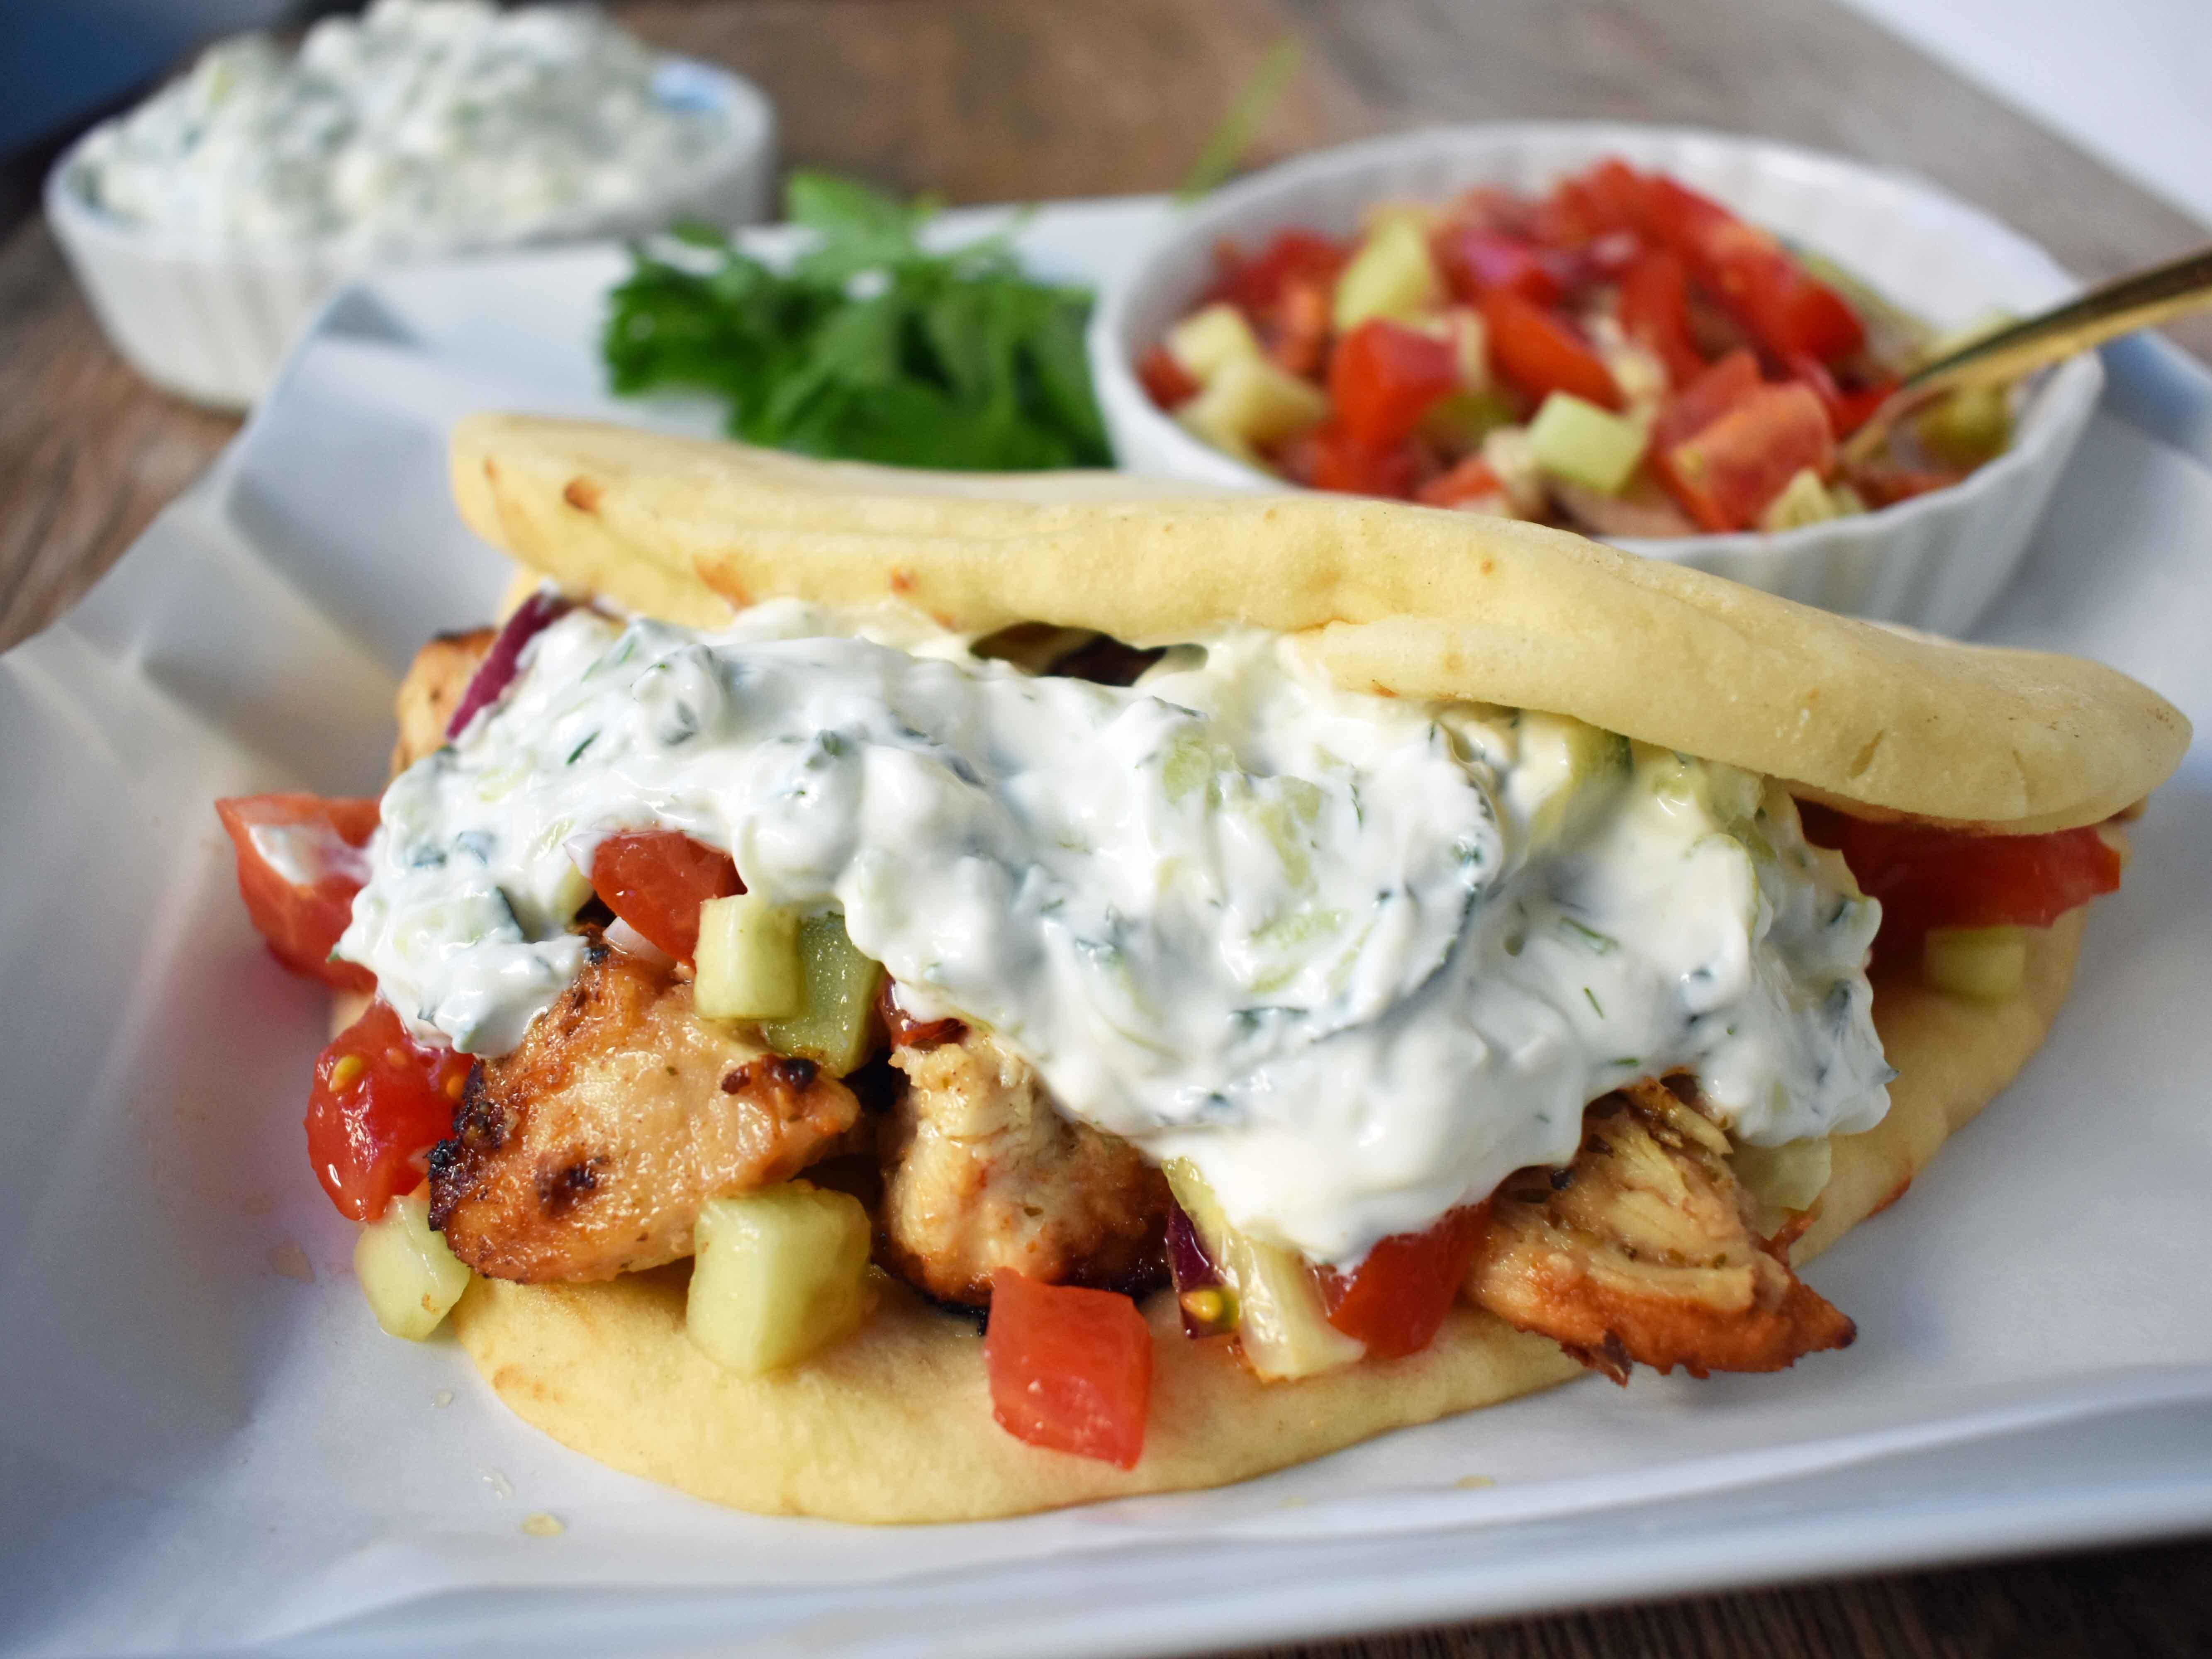 Greek Chicken Gyros with Tzatziki Sauce